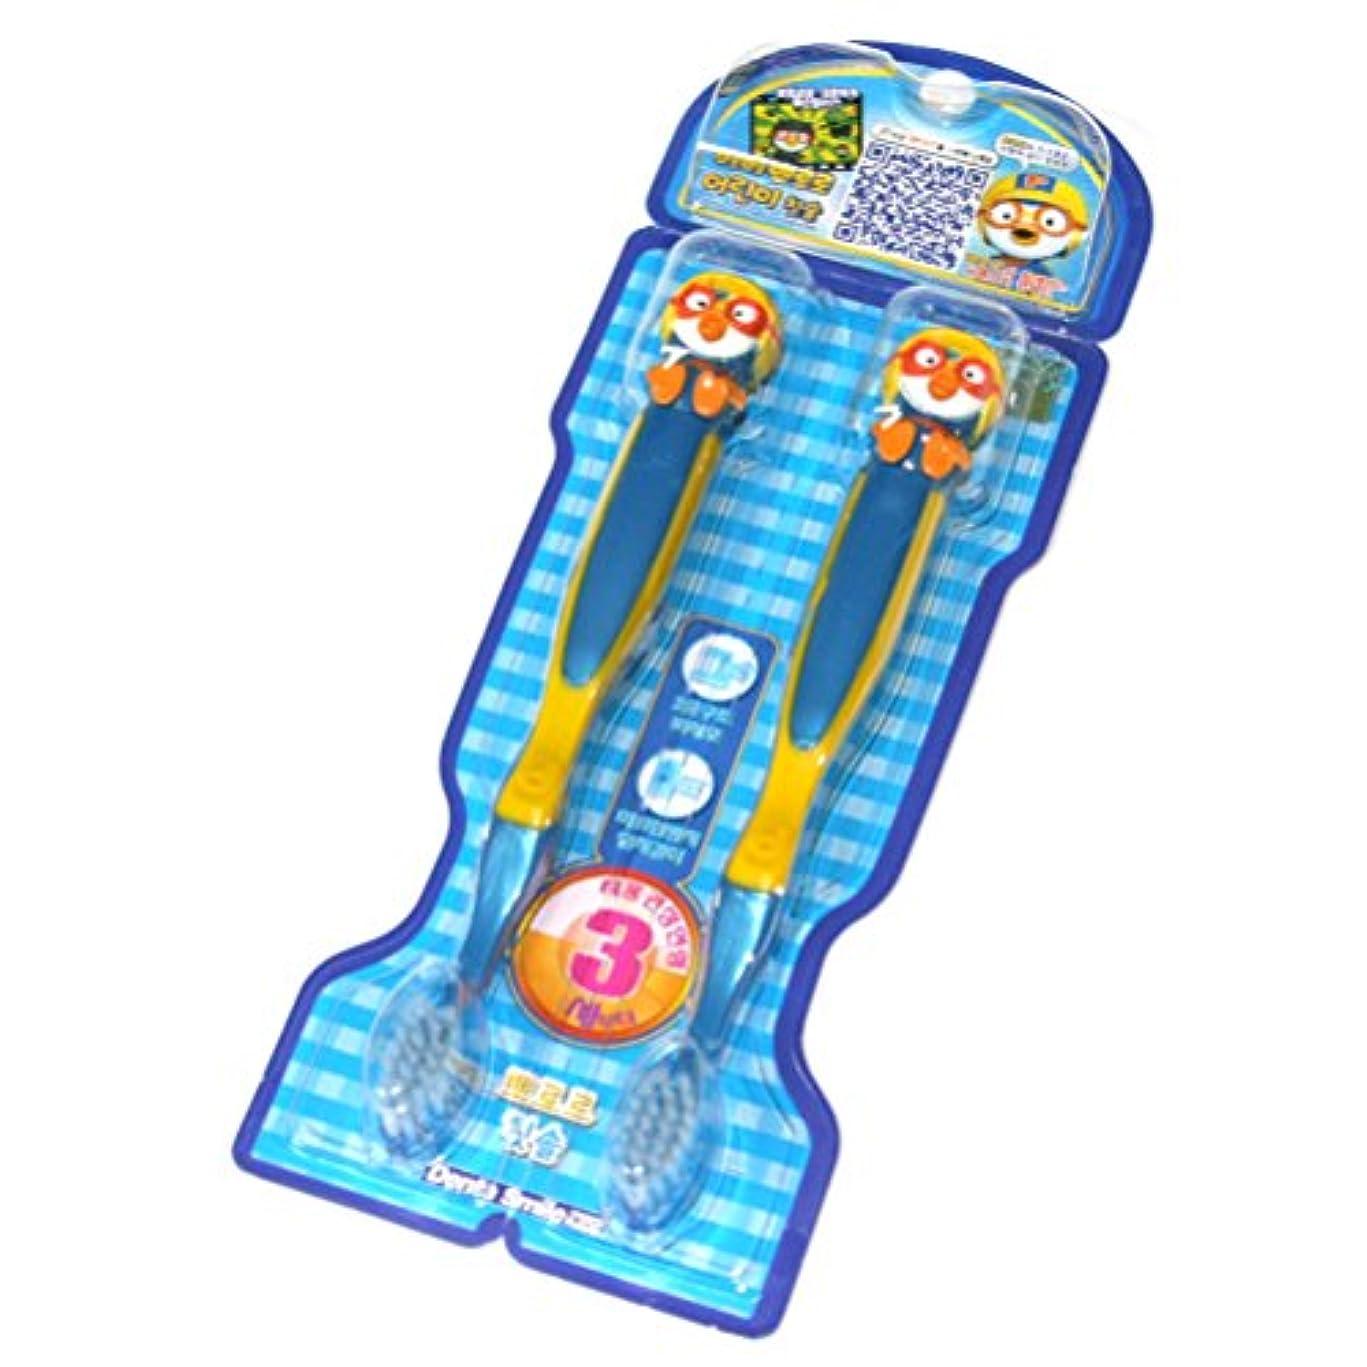 副メロドラマ甘くするPORORO Toothbrush For Kids 2ea set (PORORO) ポロロ 子供用 歯ブラシ2ea set (ポロロ ) [並行輸入品]